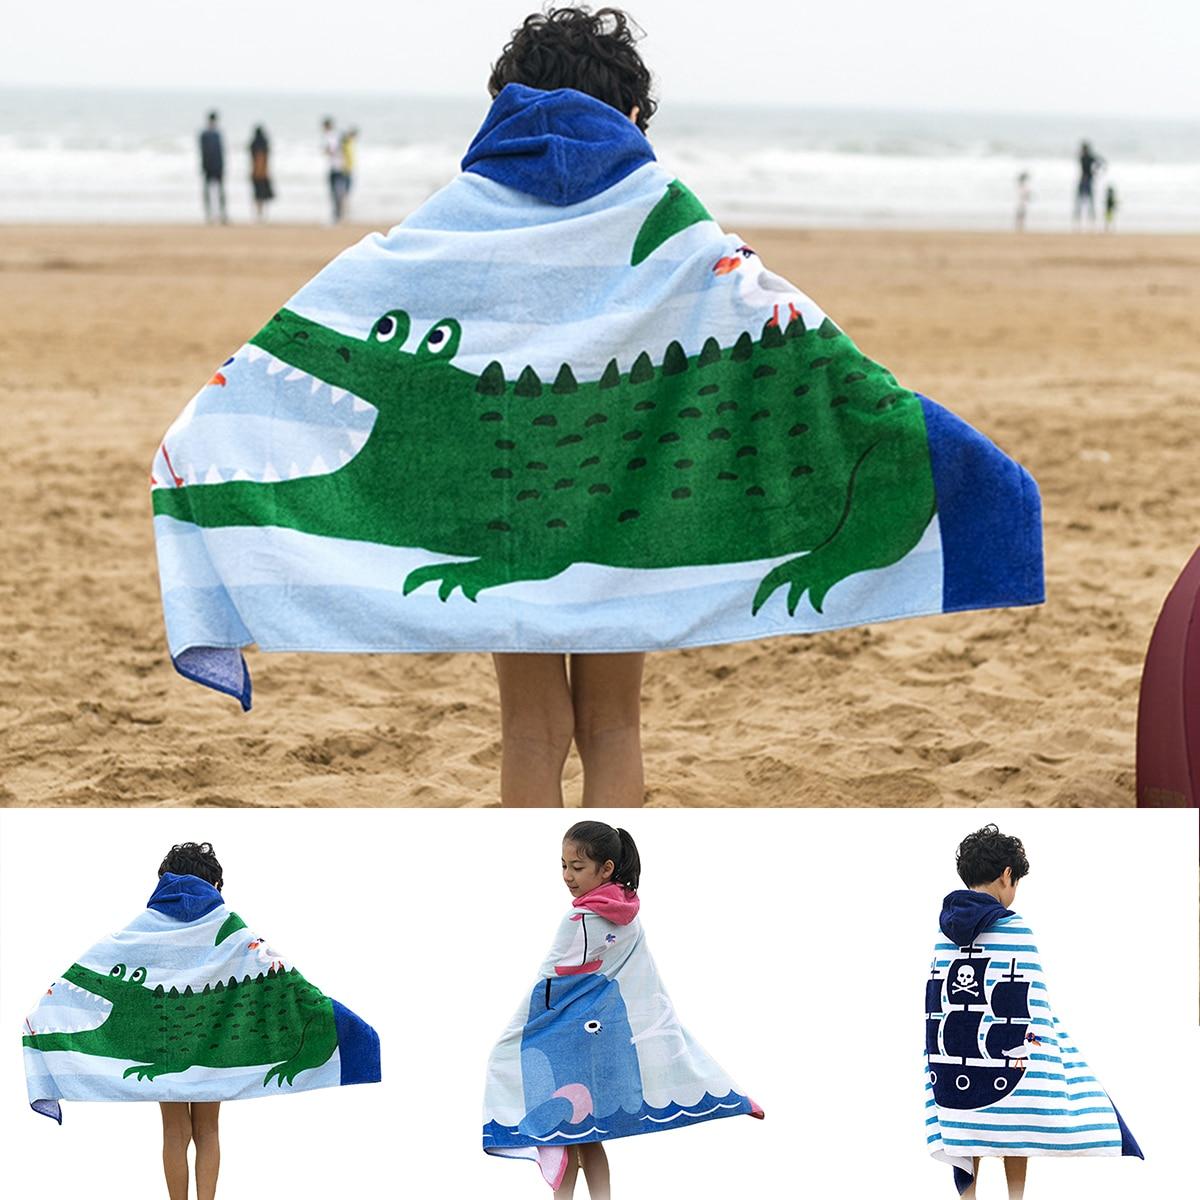 منشفة استحمام كبيرة للأطفال مقاس 127 × 76 سنتيمتر ، غطاء منشفة قطن فائق الامتصاص للأطفال الصغار ، منشفة سباحة للشاطئ